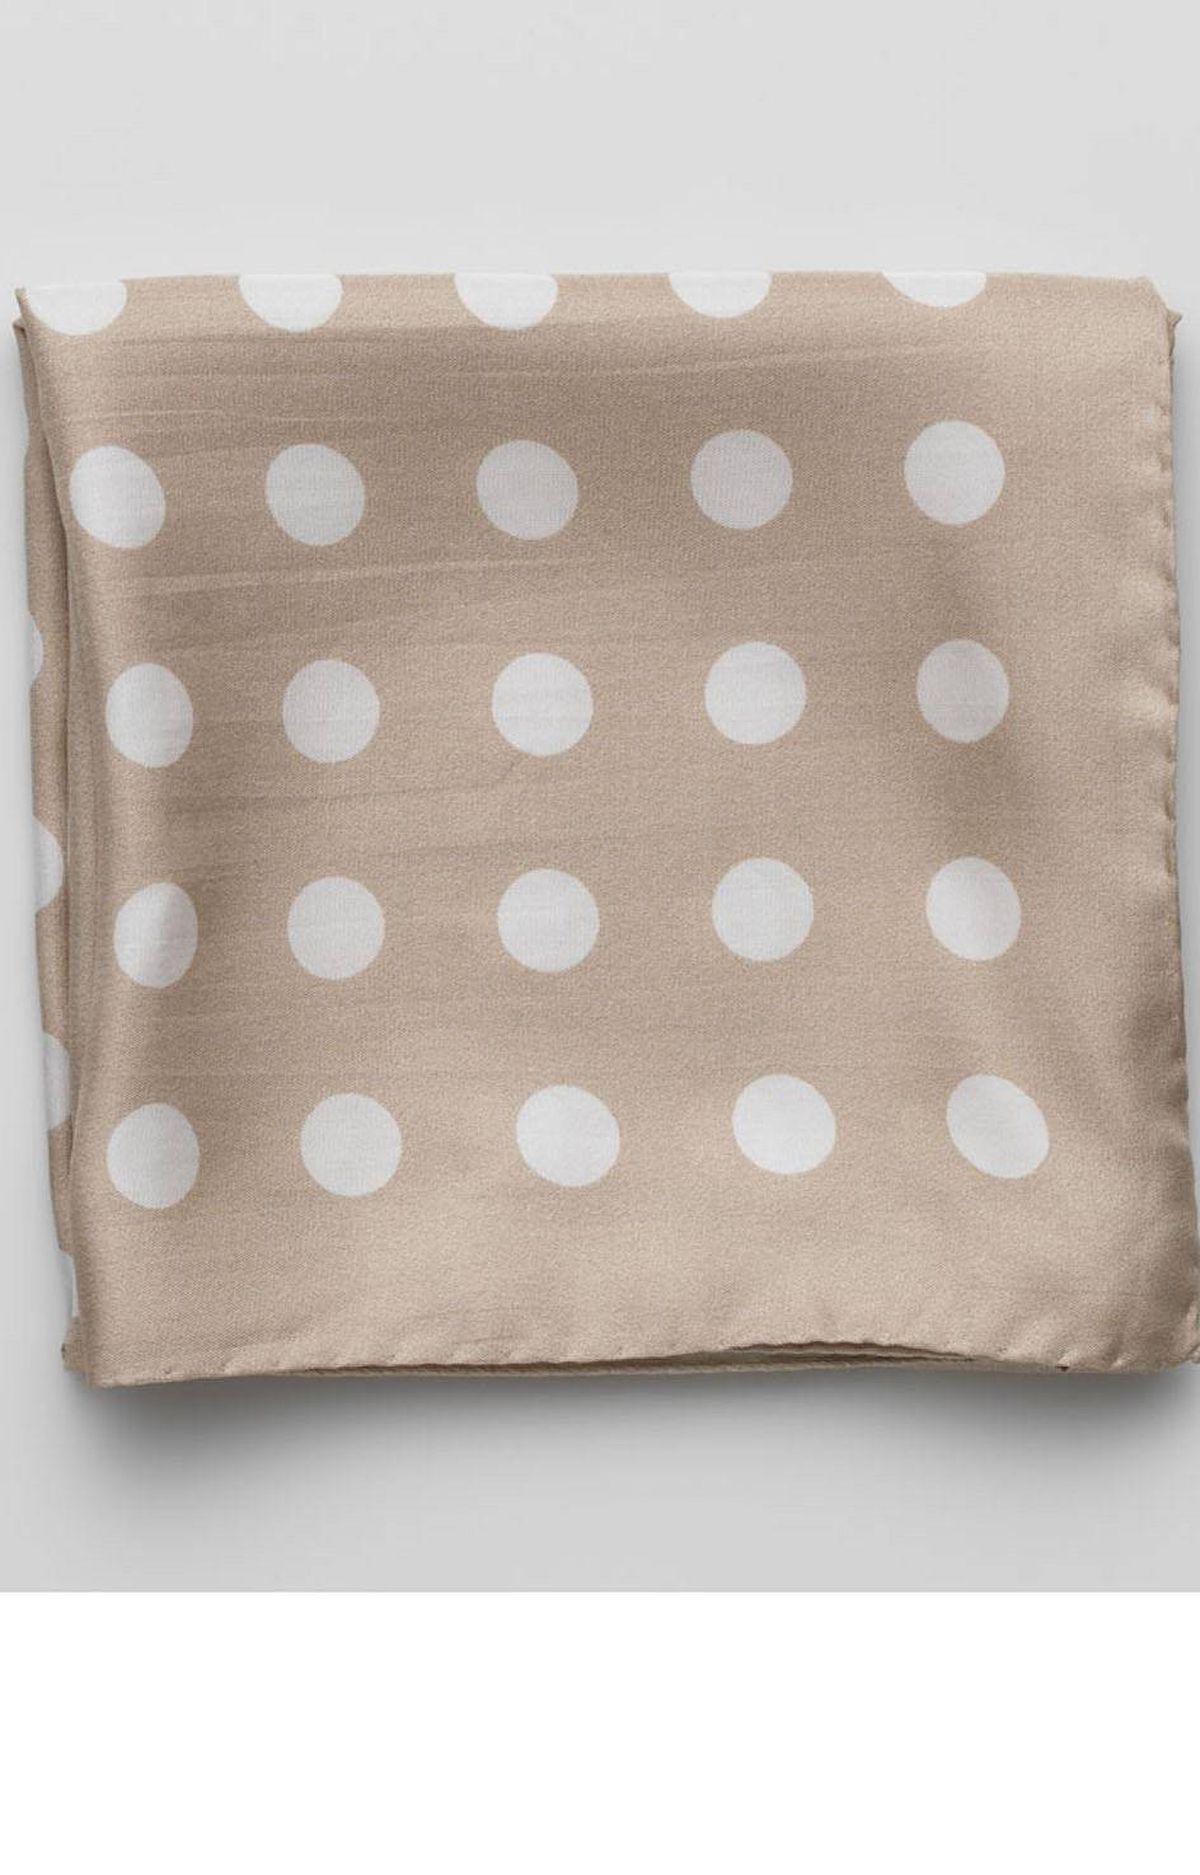 Silk scarf by Sand, $98 through 416-636-9190.